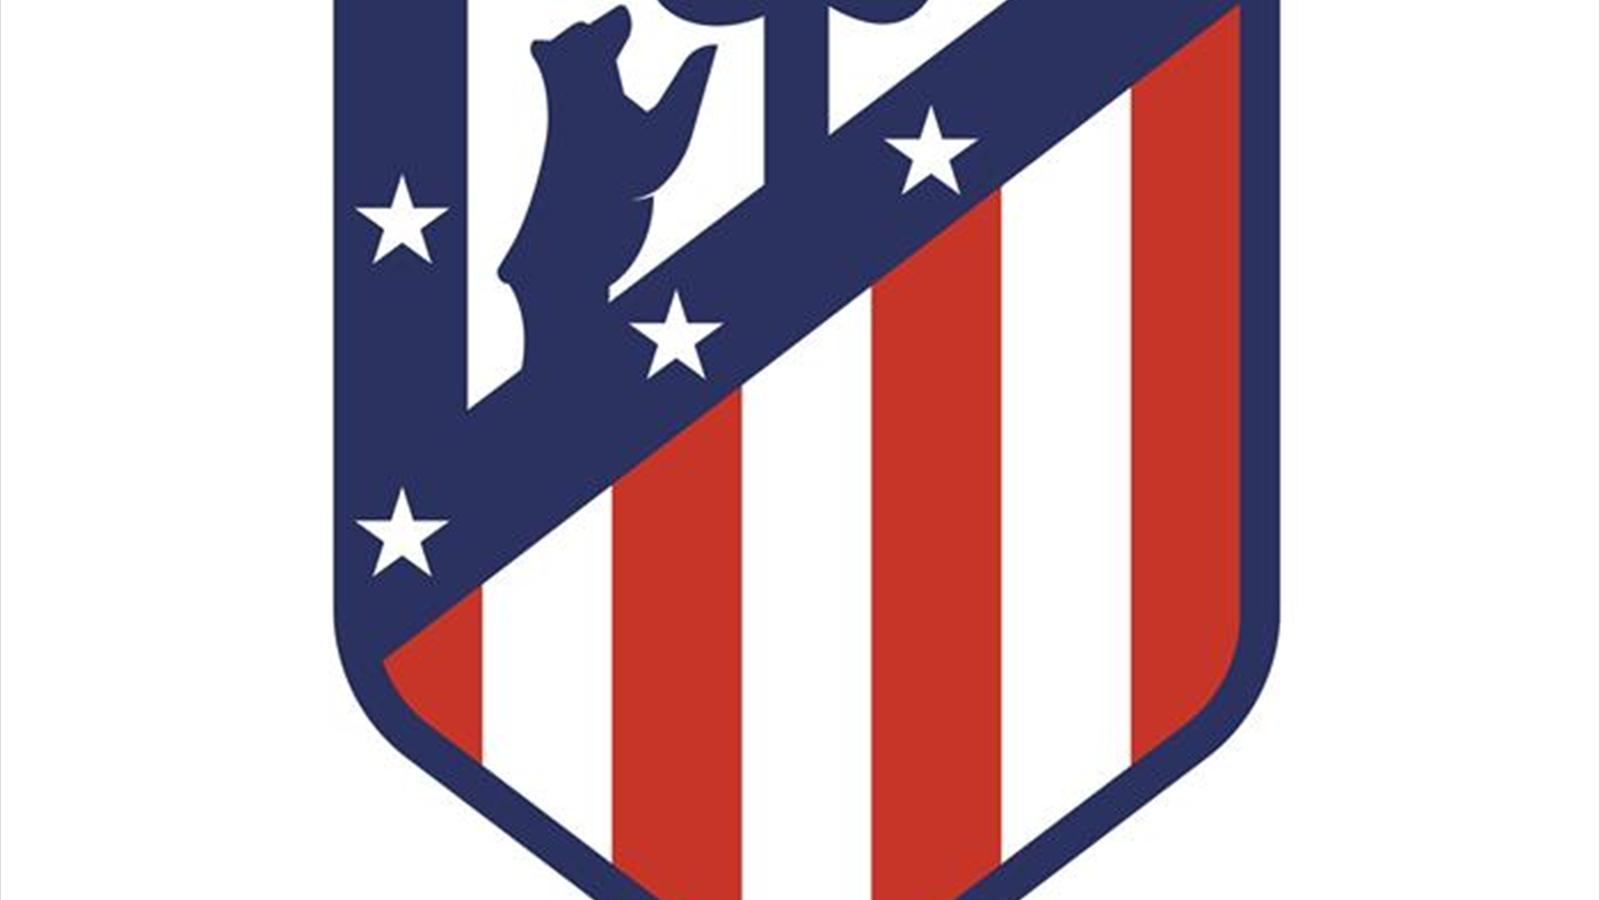 El Atlético estrena el nuevo escudo en su web y redes sociales - Fútbol - Eurosport Espana